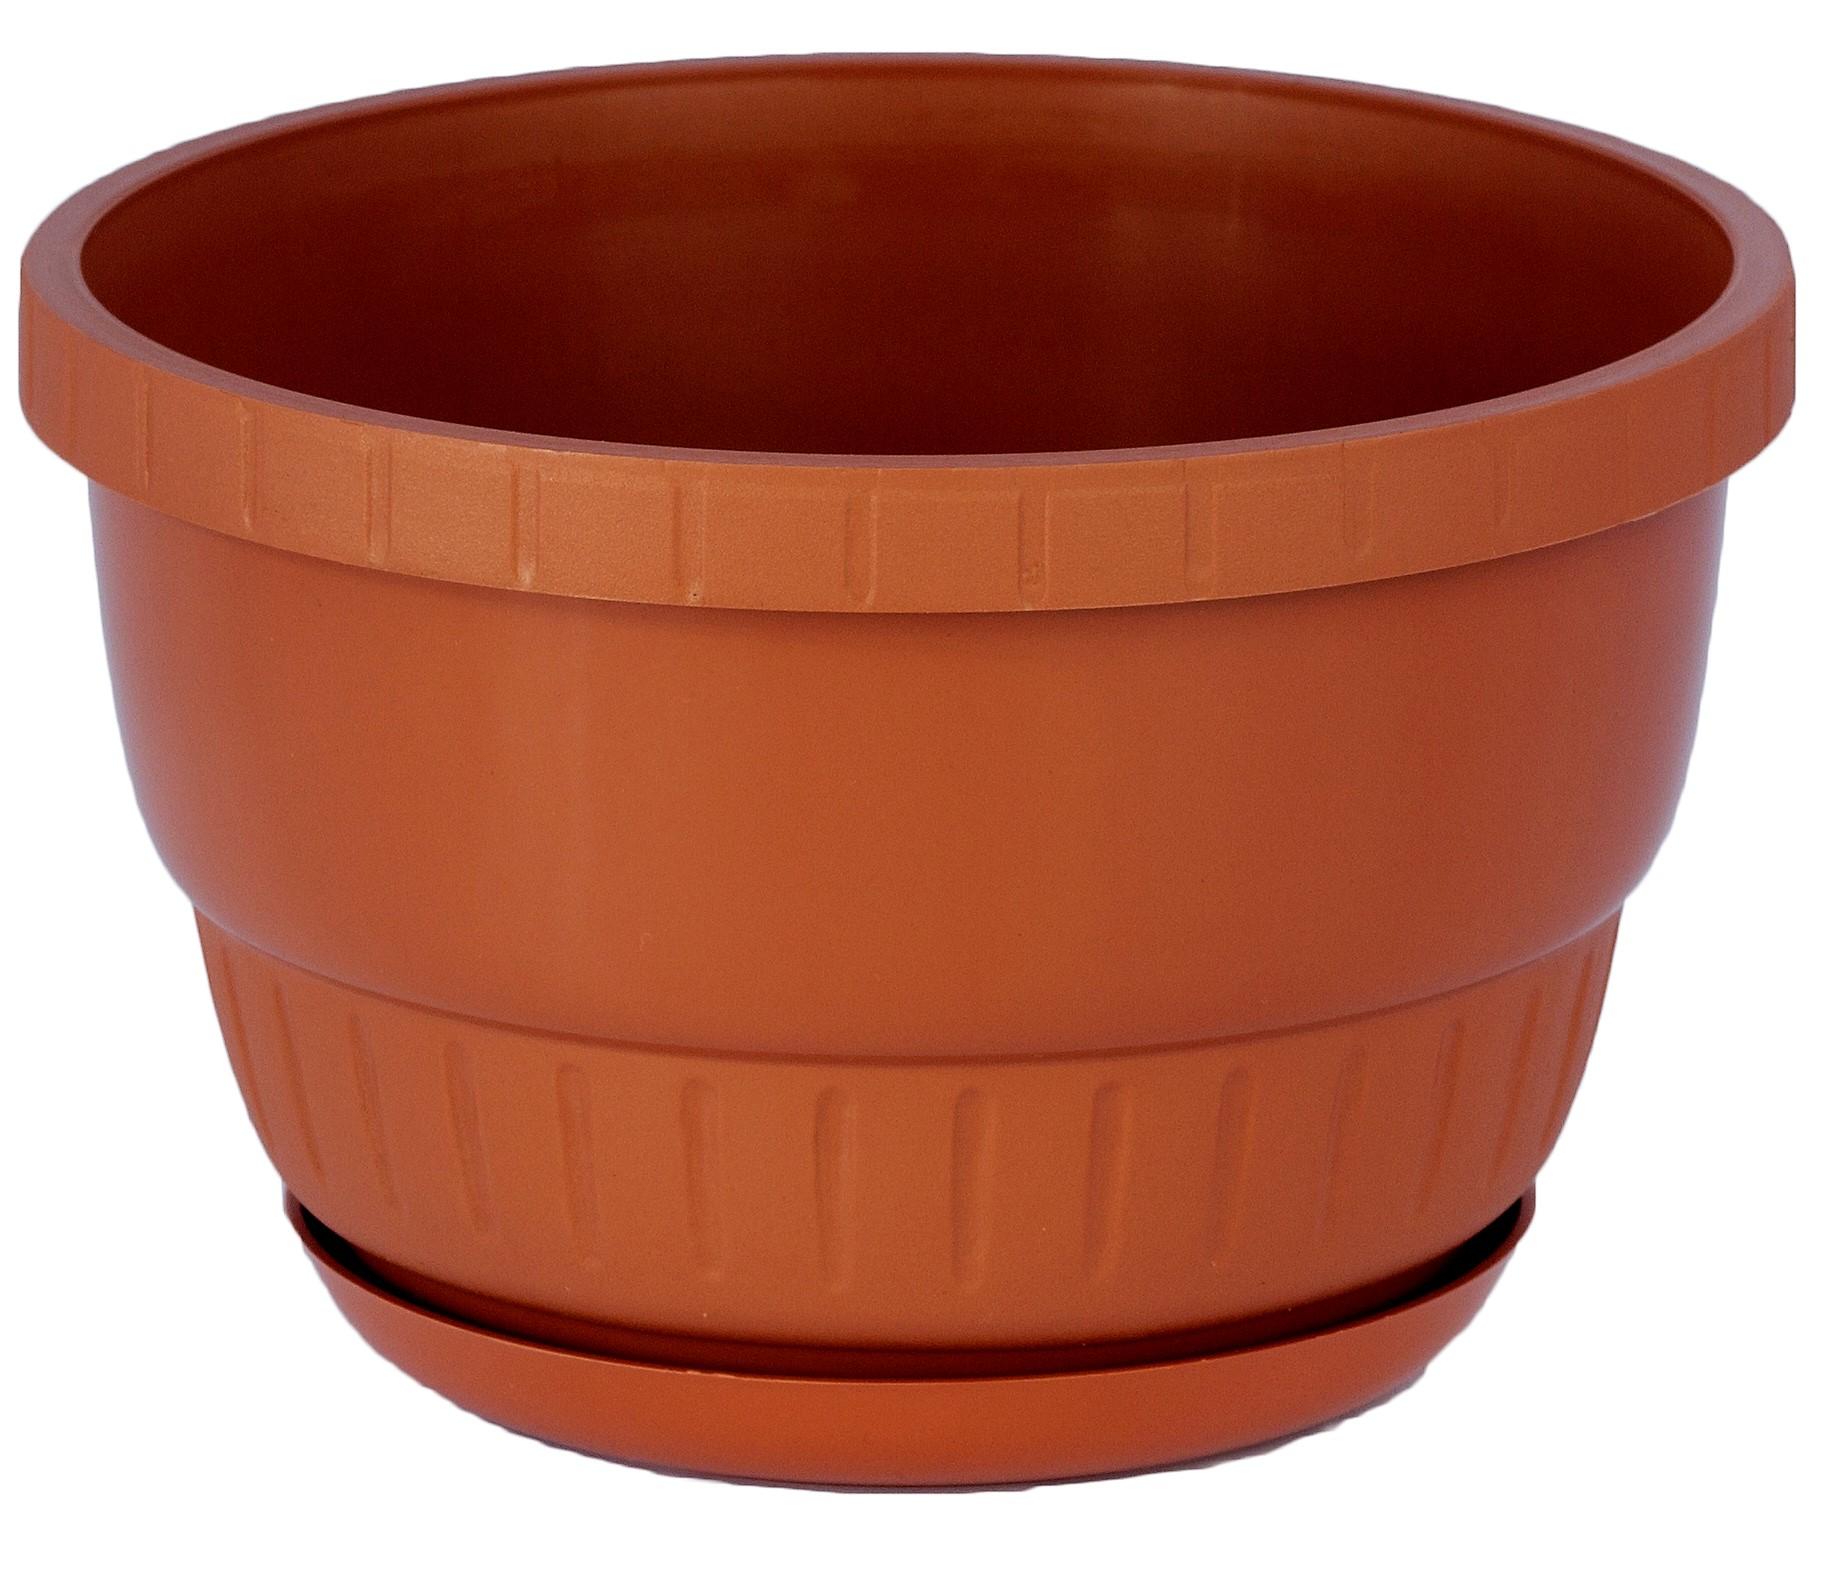 Doniczka Europa Z Podstawką średnica 15 Cm Terracotta Colour 010